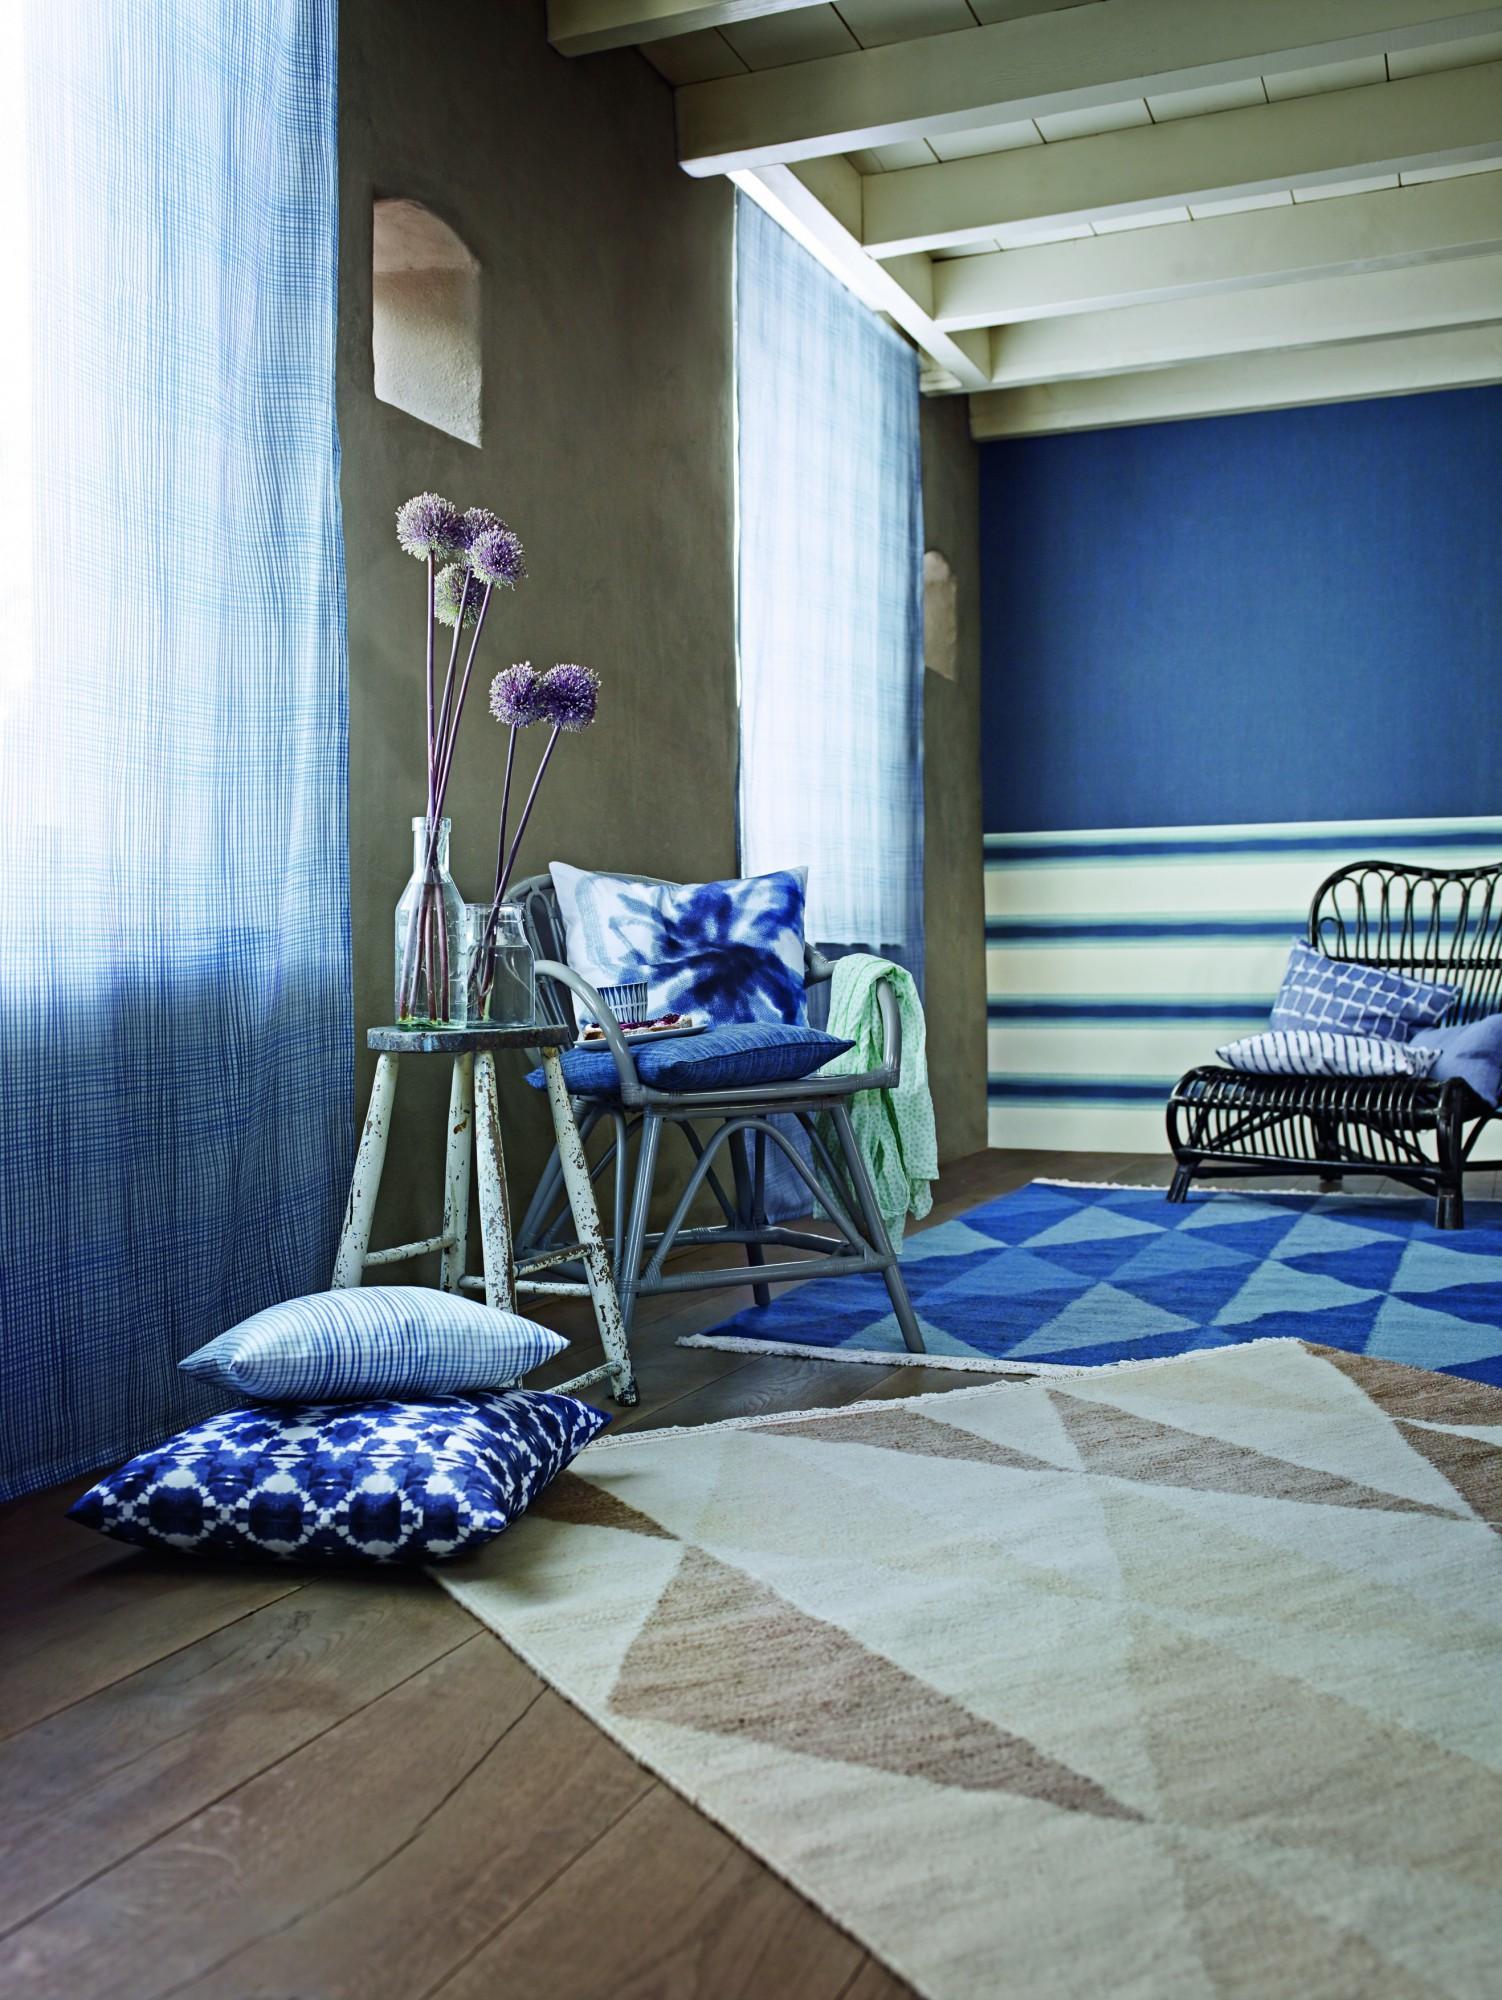 Geometrische Muster Auf Teppichen #beistelltisch #teppich #sessel #kissen  #dachbalken #gardine